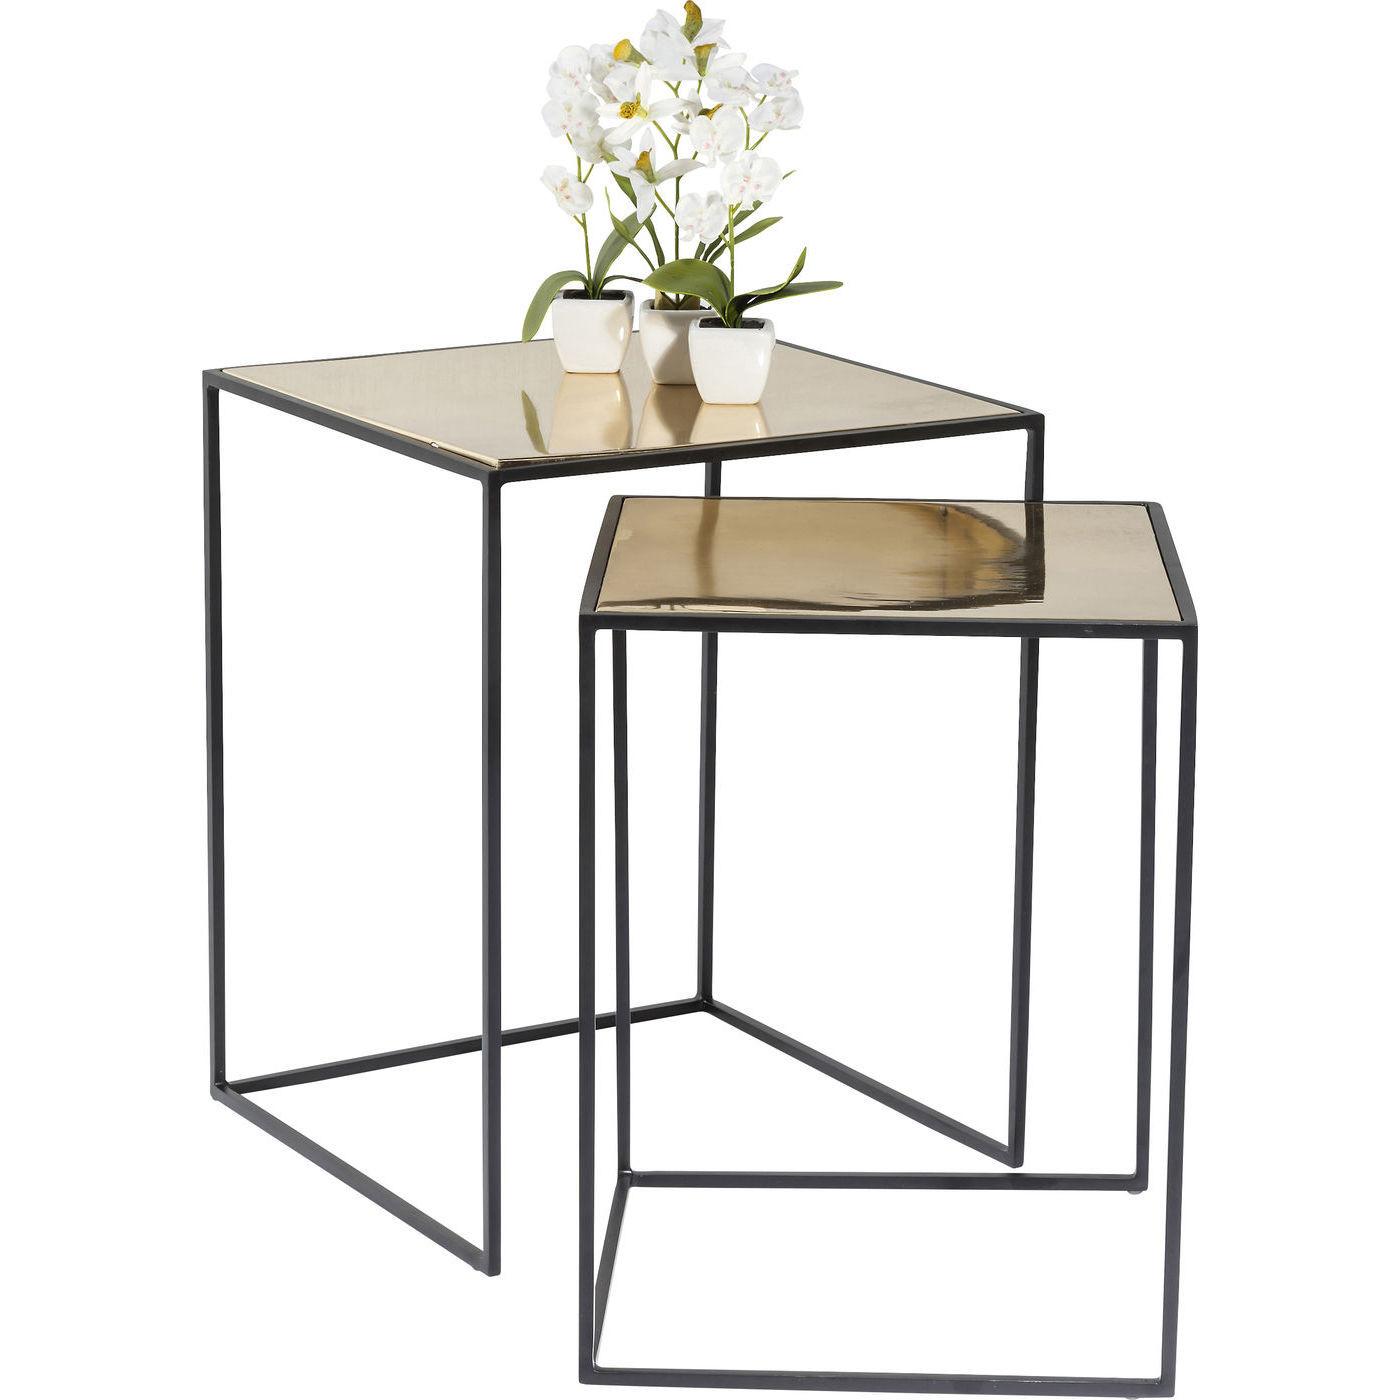 beistelltisch treasure gold 2 set kare design mutoni m bel. Black Bedroom Furniture Sets. Home Design Ideas